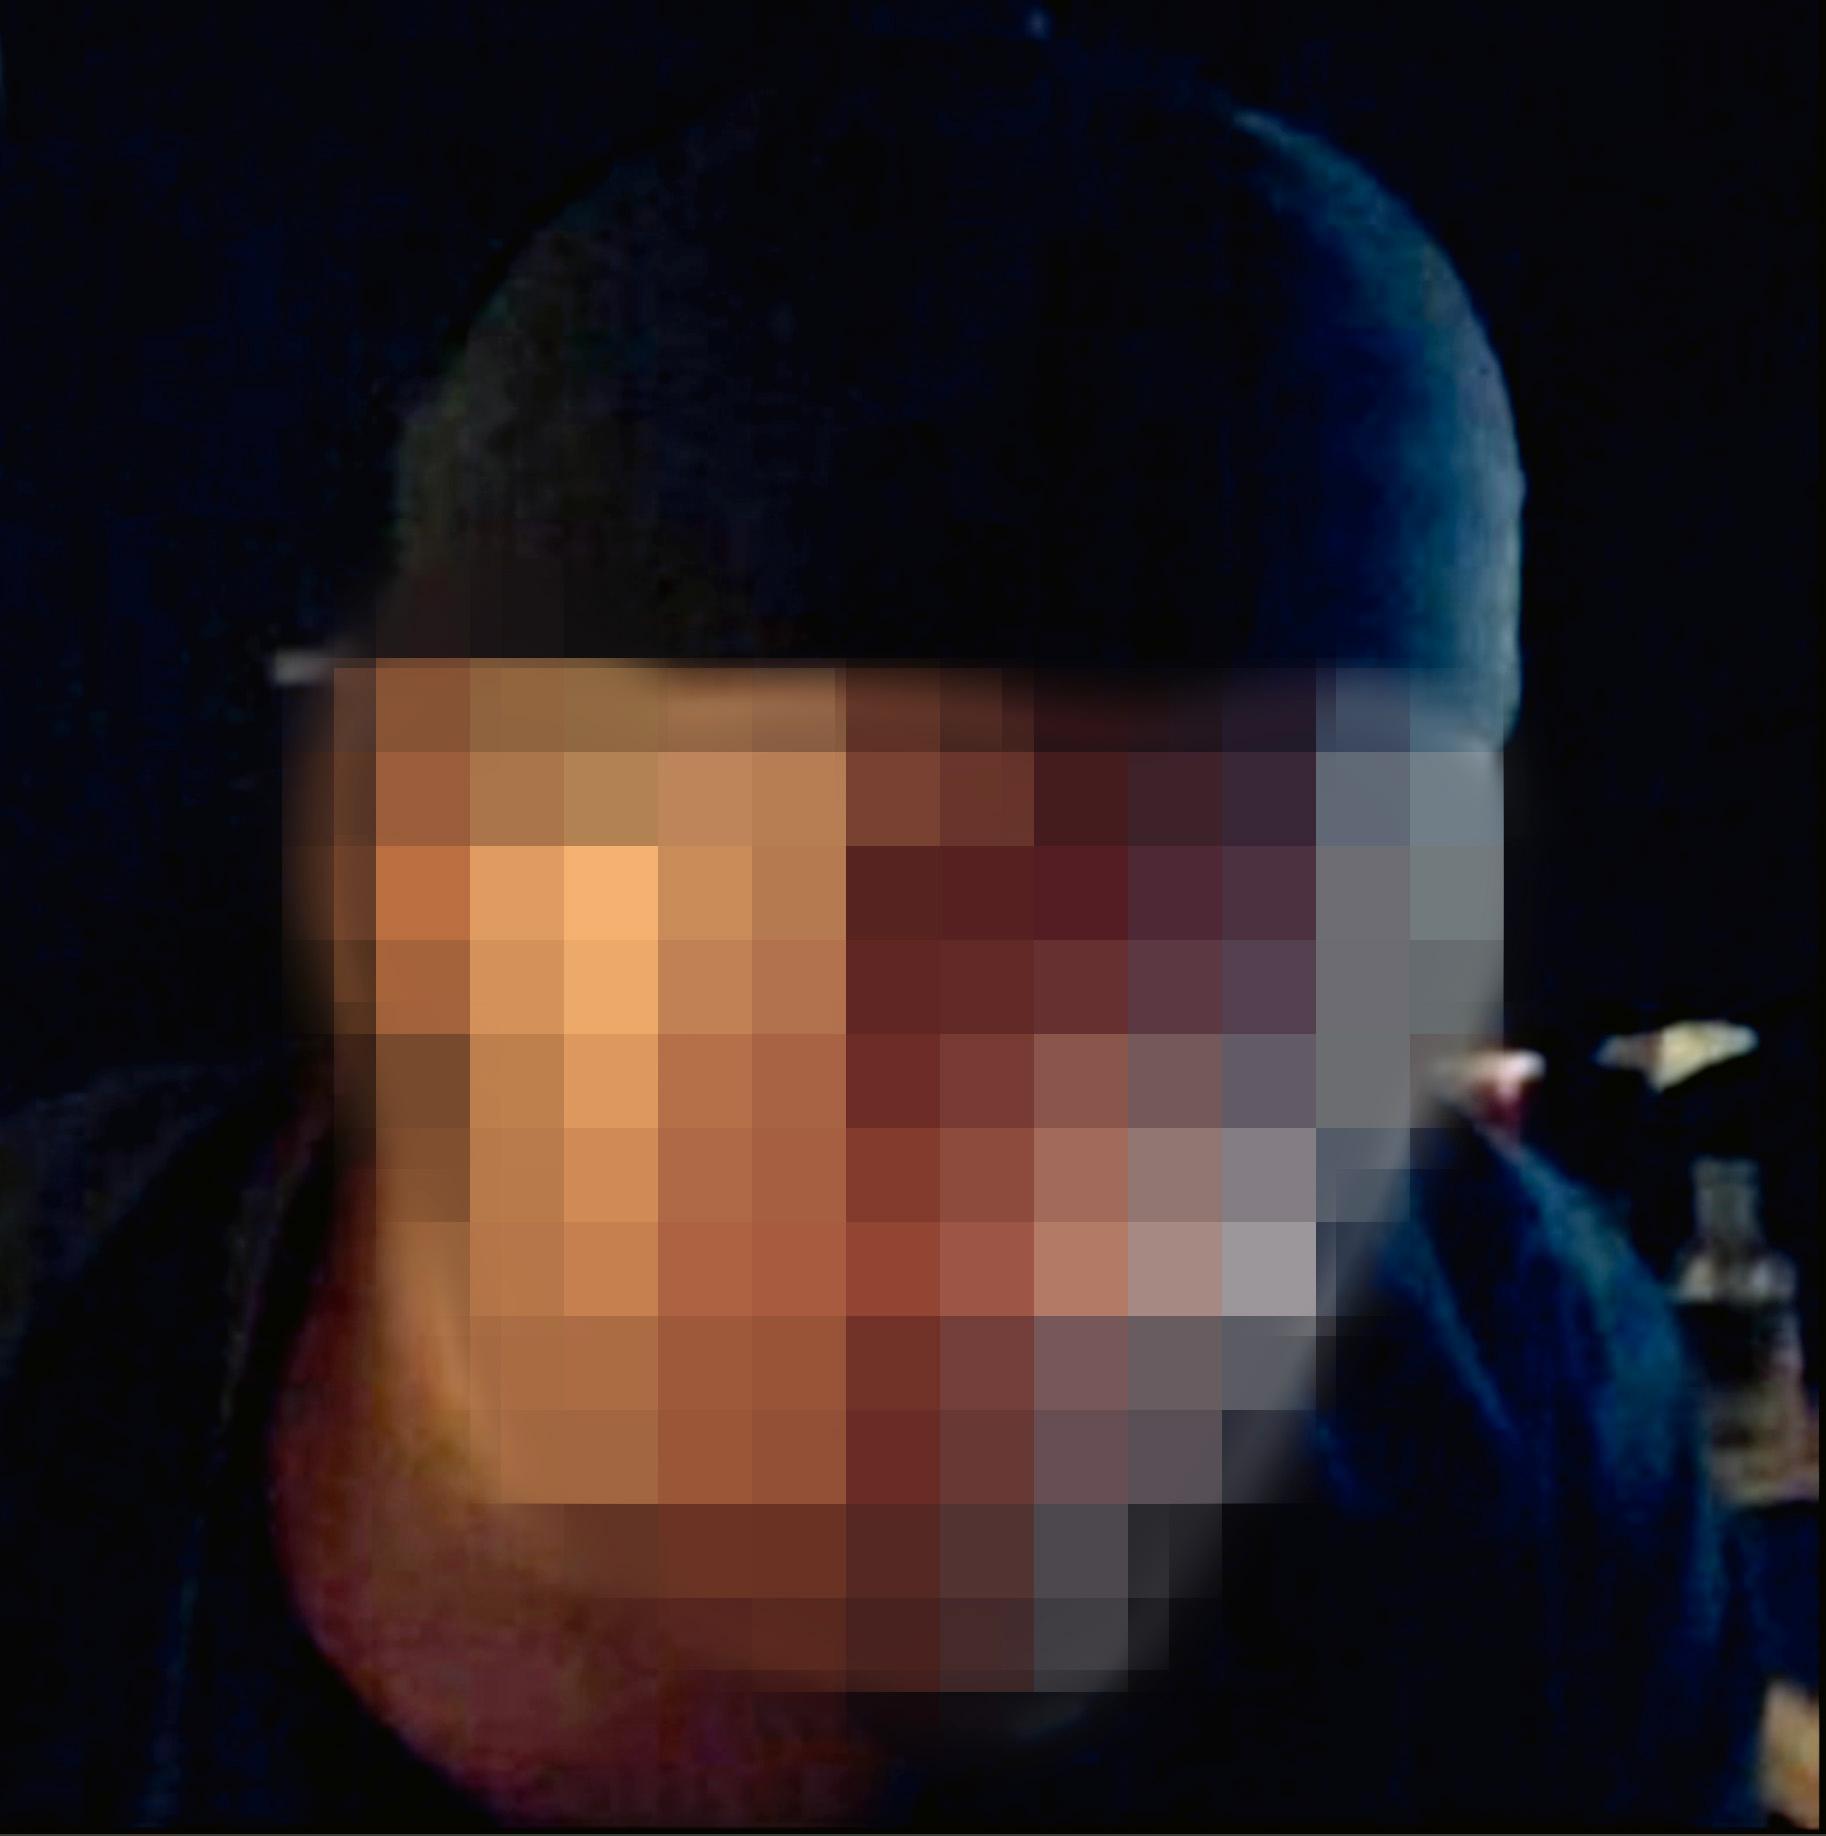 Nytorgsmannen misstänks för sexuella övergrepp mot 28 kvinnor.